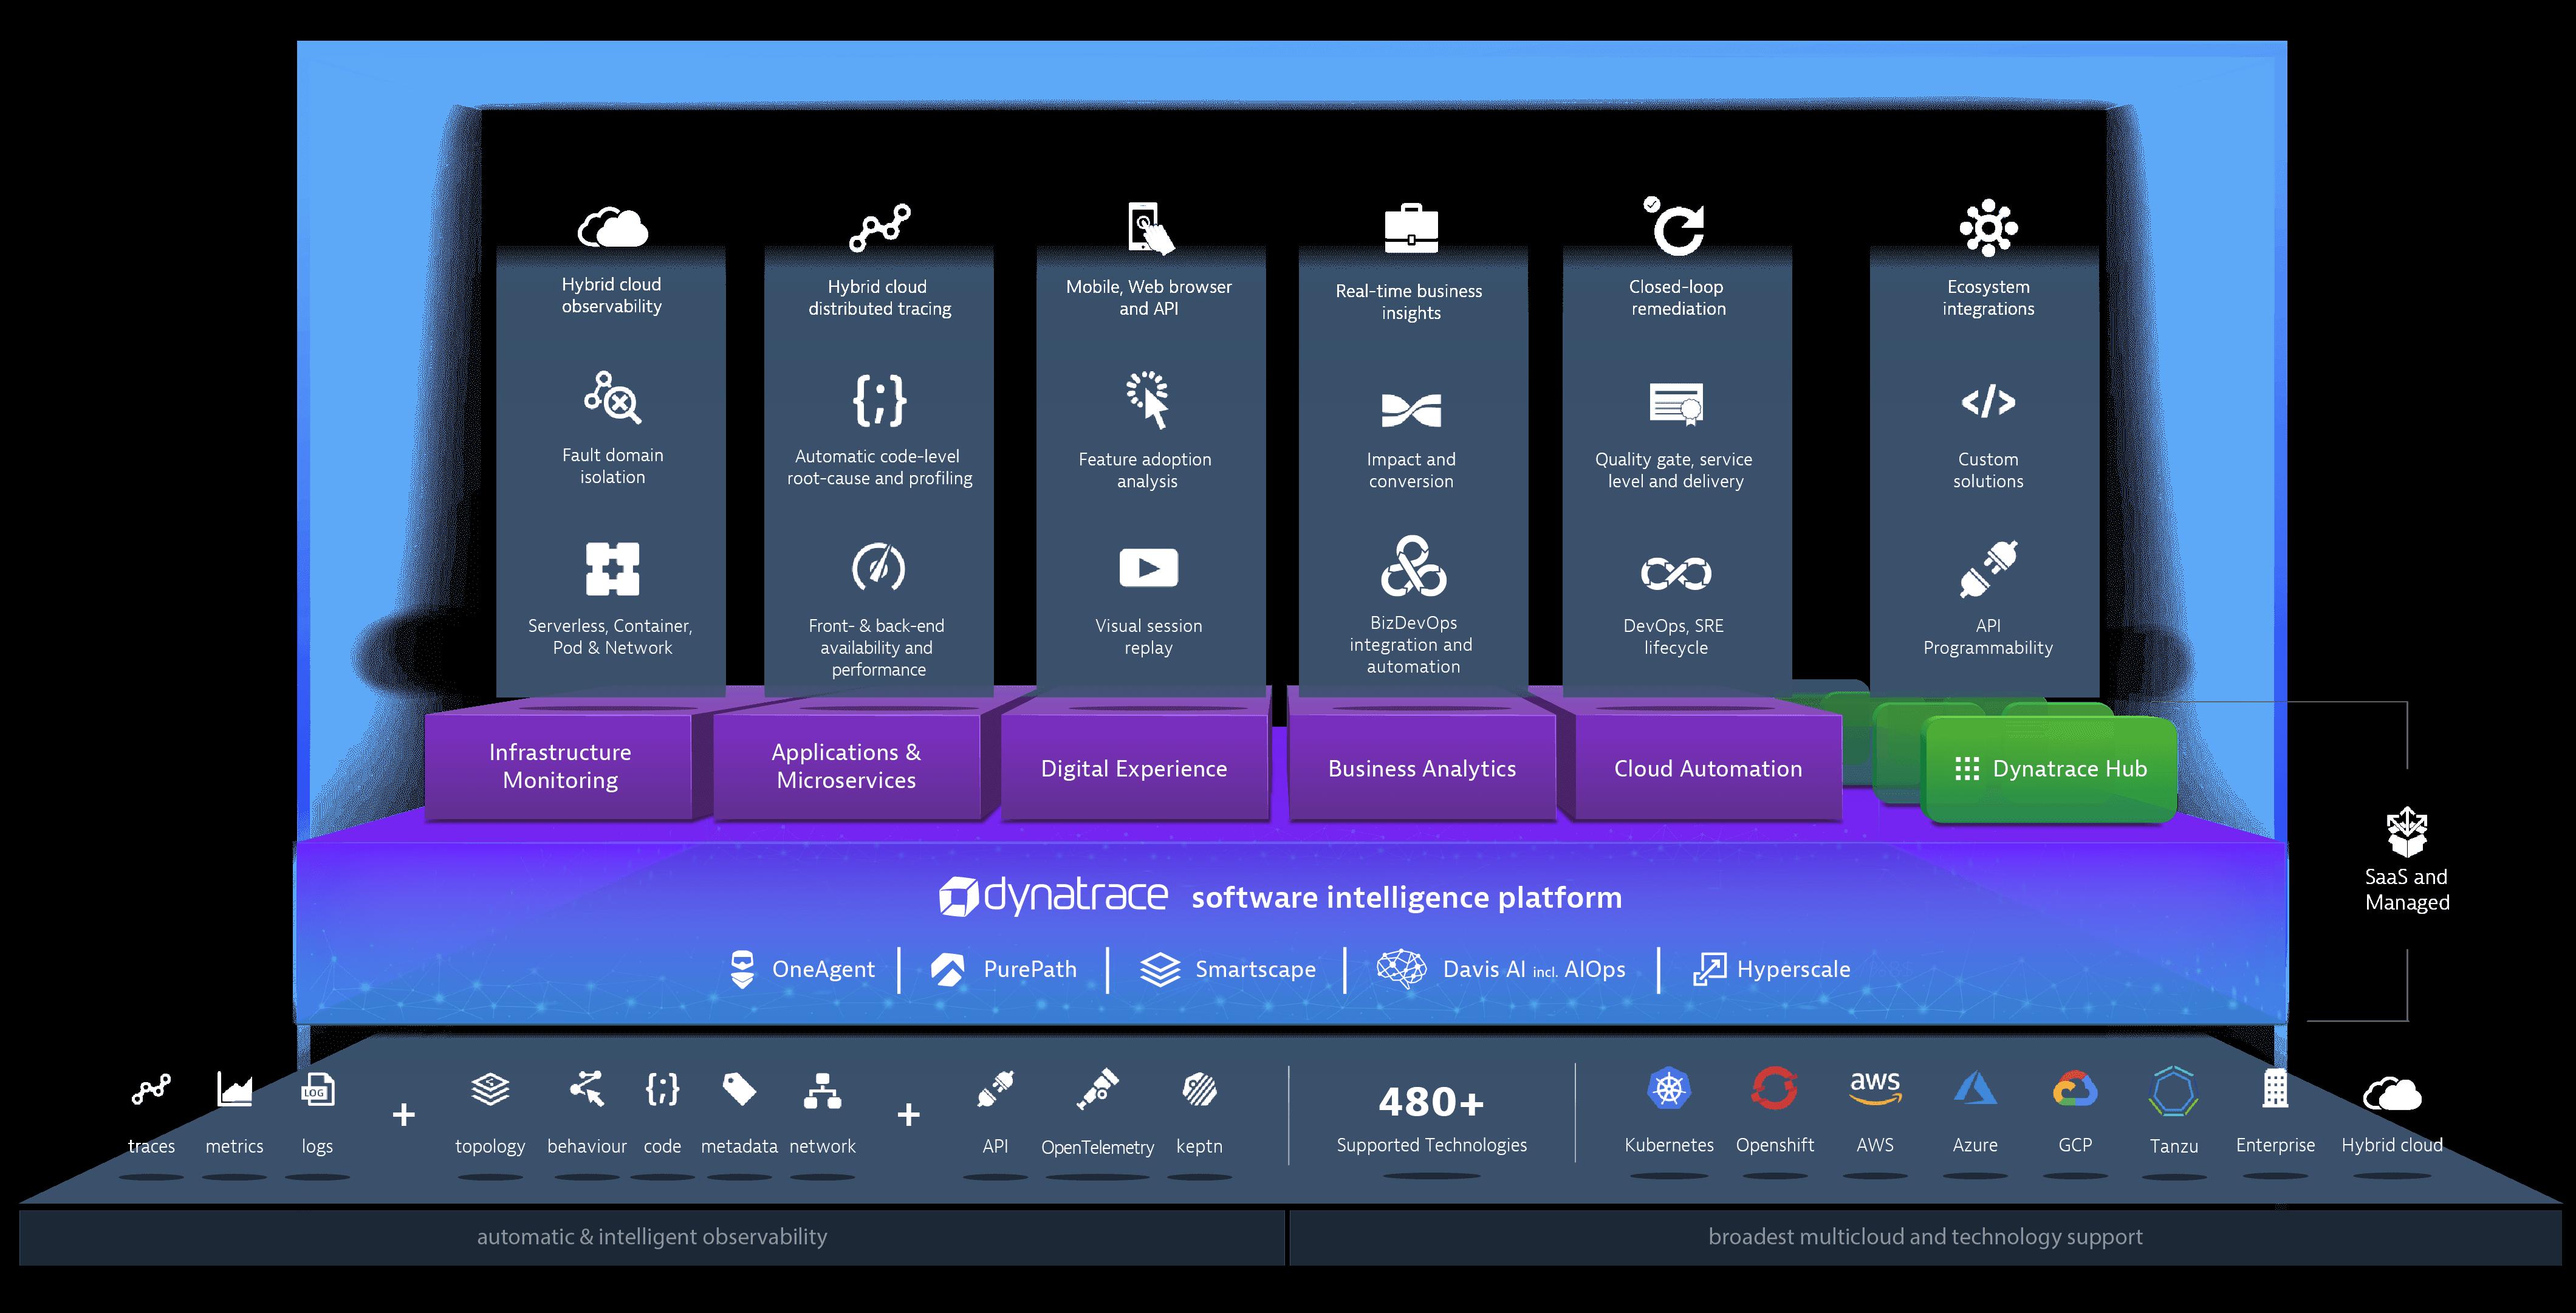 The Dynatrace software intelligence platform